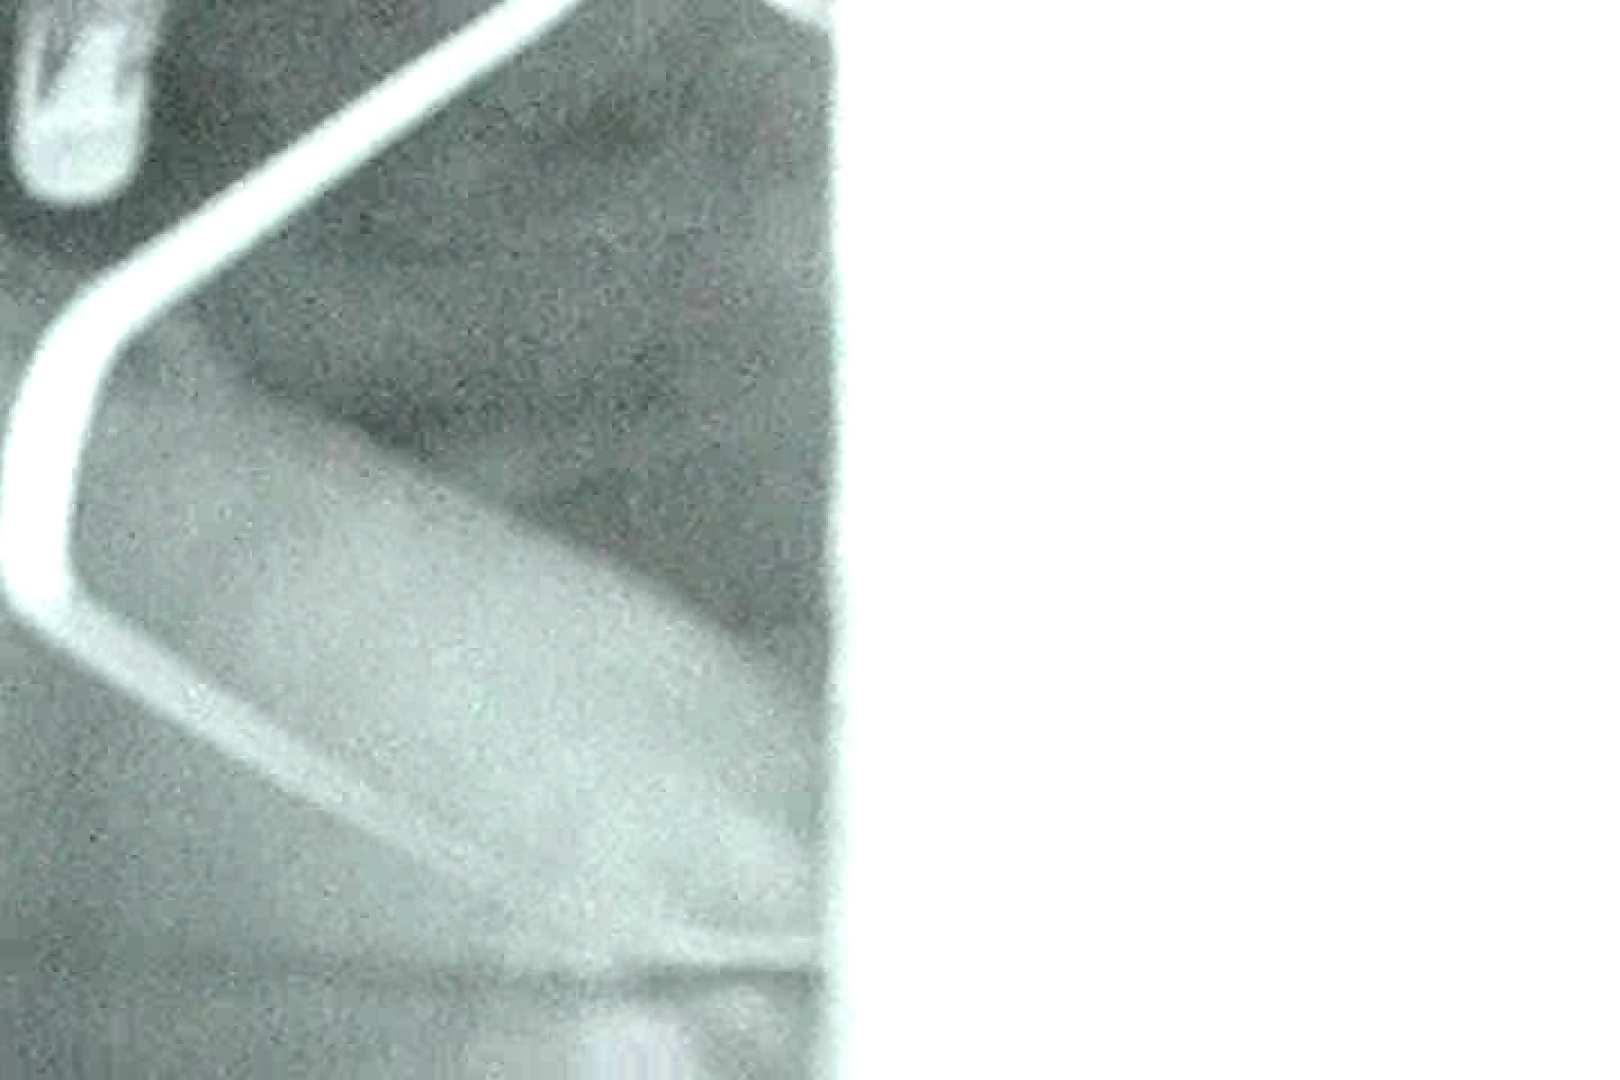 充血監督の深夜の運動会Vol.12 OLすけべ画像   カップル  98連発 53